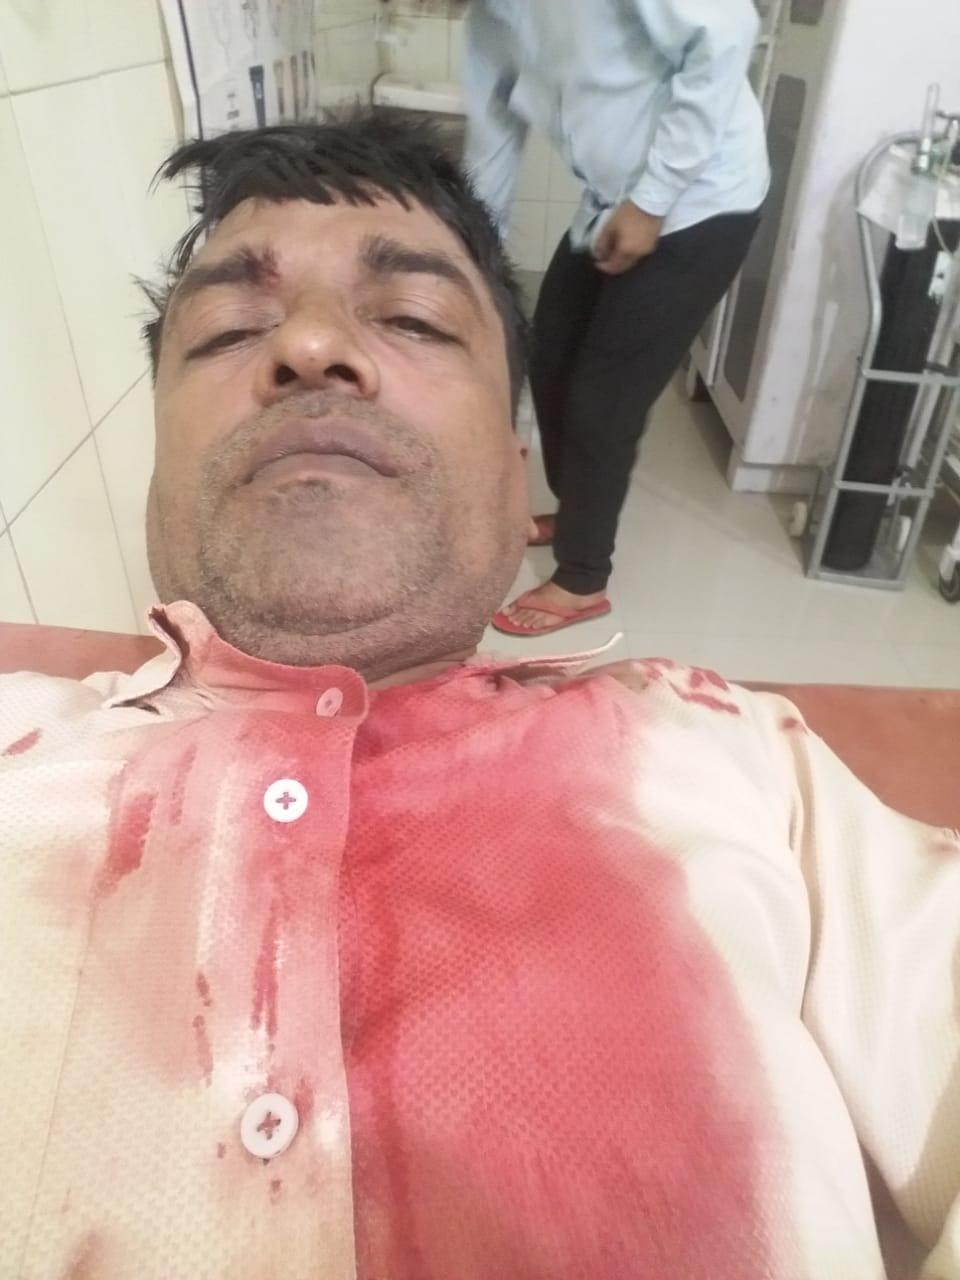 घायल दिनेश कुमार अस्पताल में उपचाराधीन। - Dainik Bhaskar